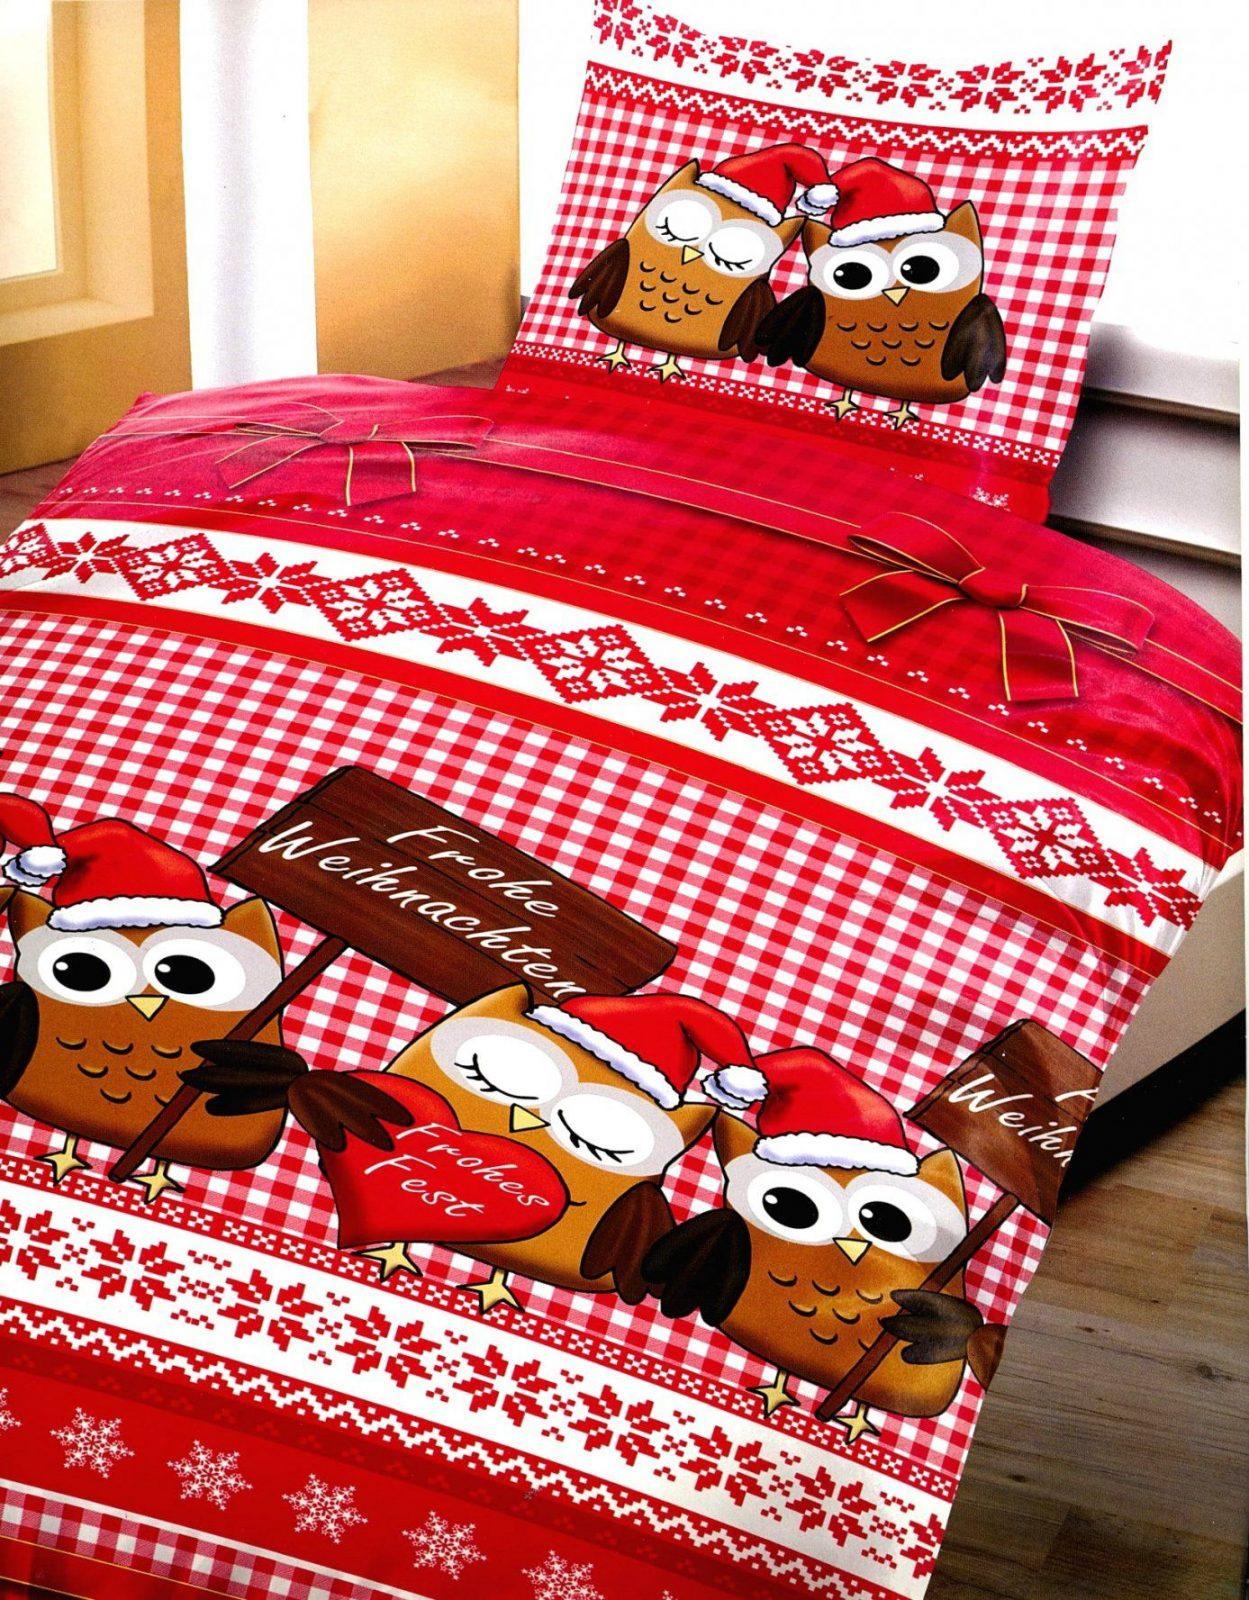 Gute Inspiration Bettwäsche Mit Weihnachtsmotiv Und Wunderschöne 3 von Bettwäsche Mit Weihnachtsmotiv Bild